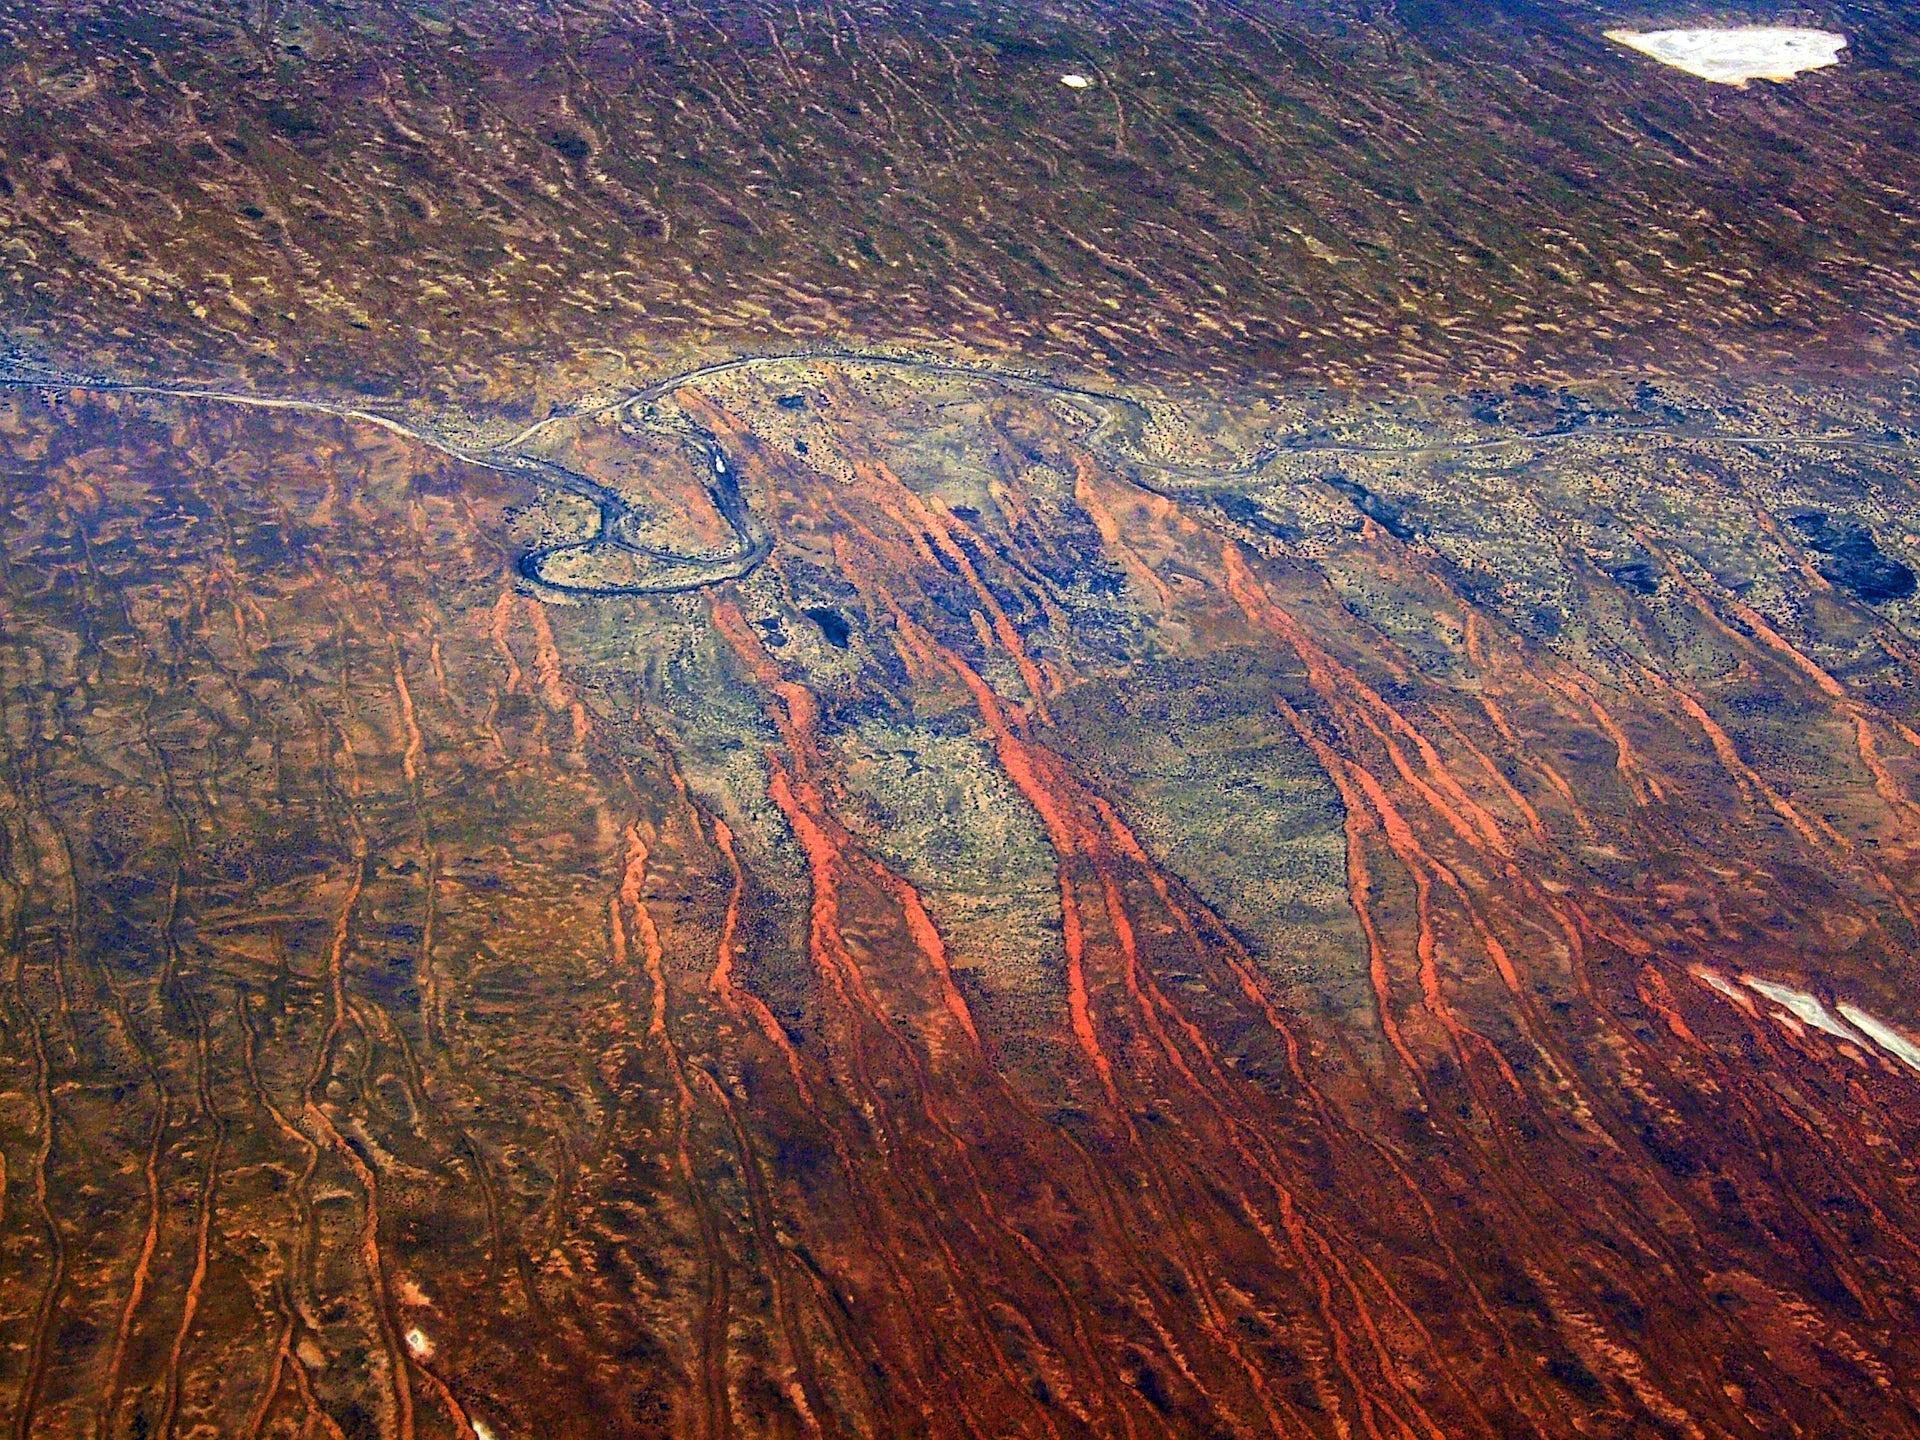 The origins of Pama-Nyungan, Australia's largest family of Aboriginal languages